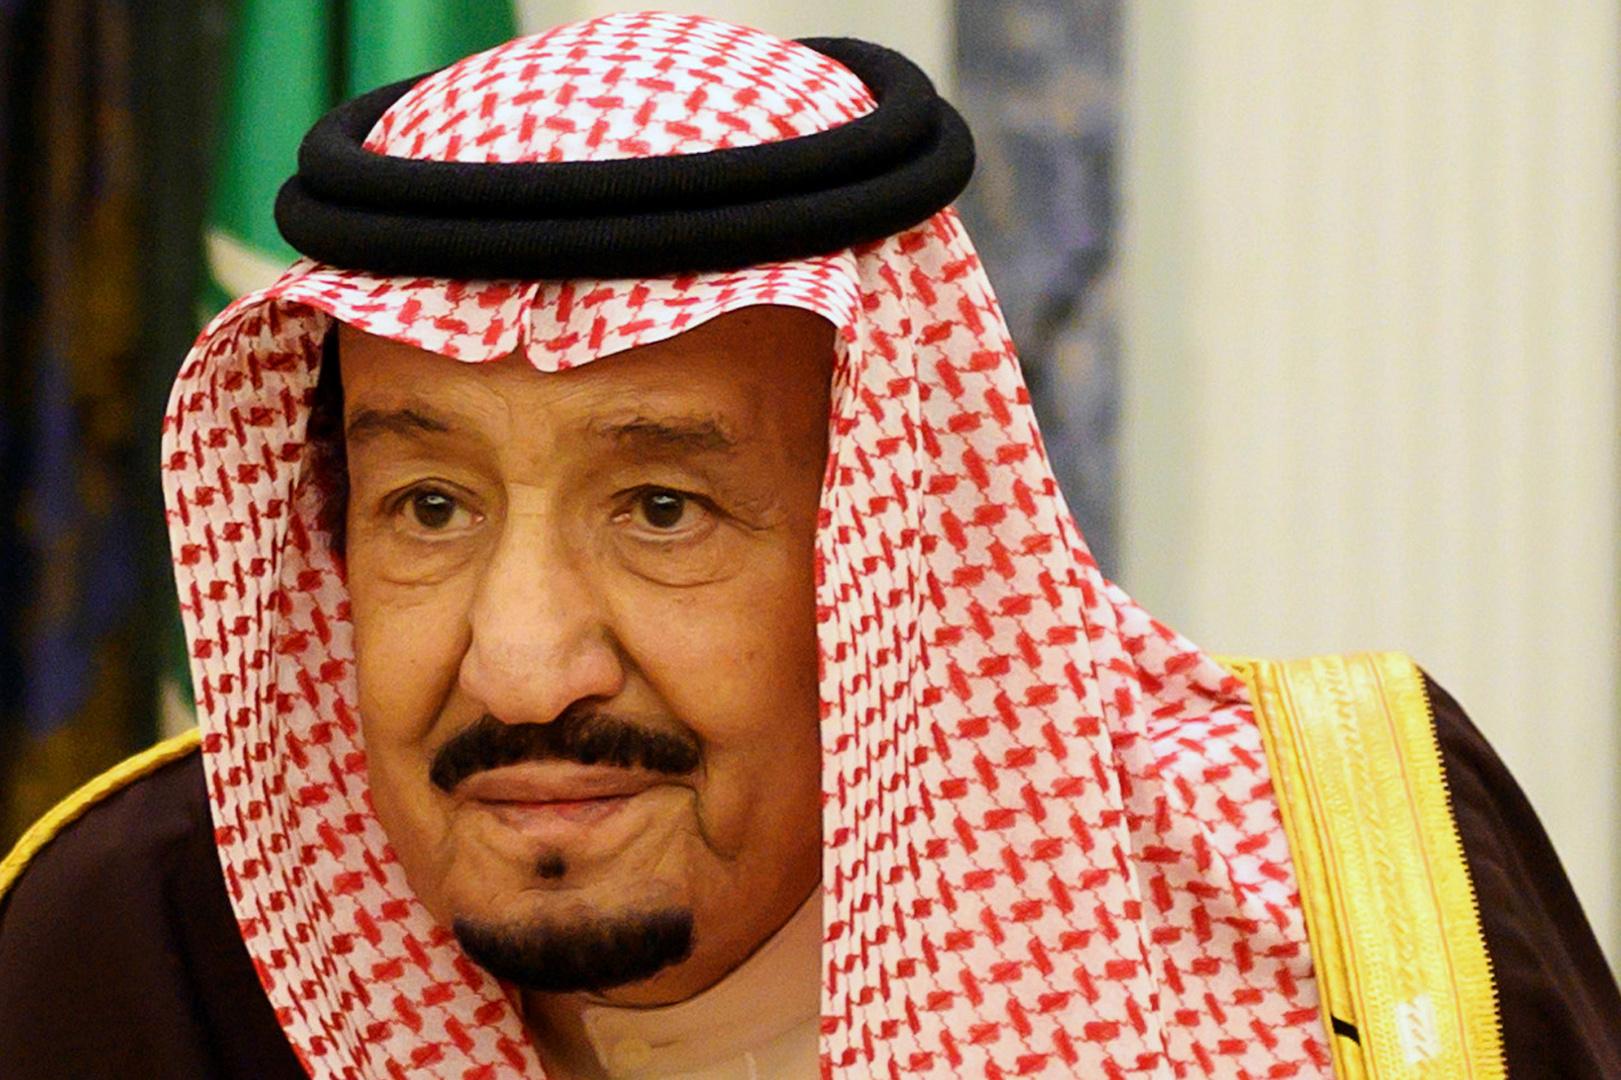 تداول صورة نادرة للملك السعودي سلمان ببدلة رسمية مع نجله الأمير عبد العزيز